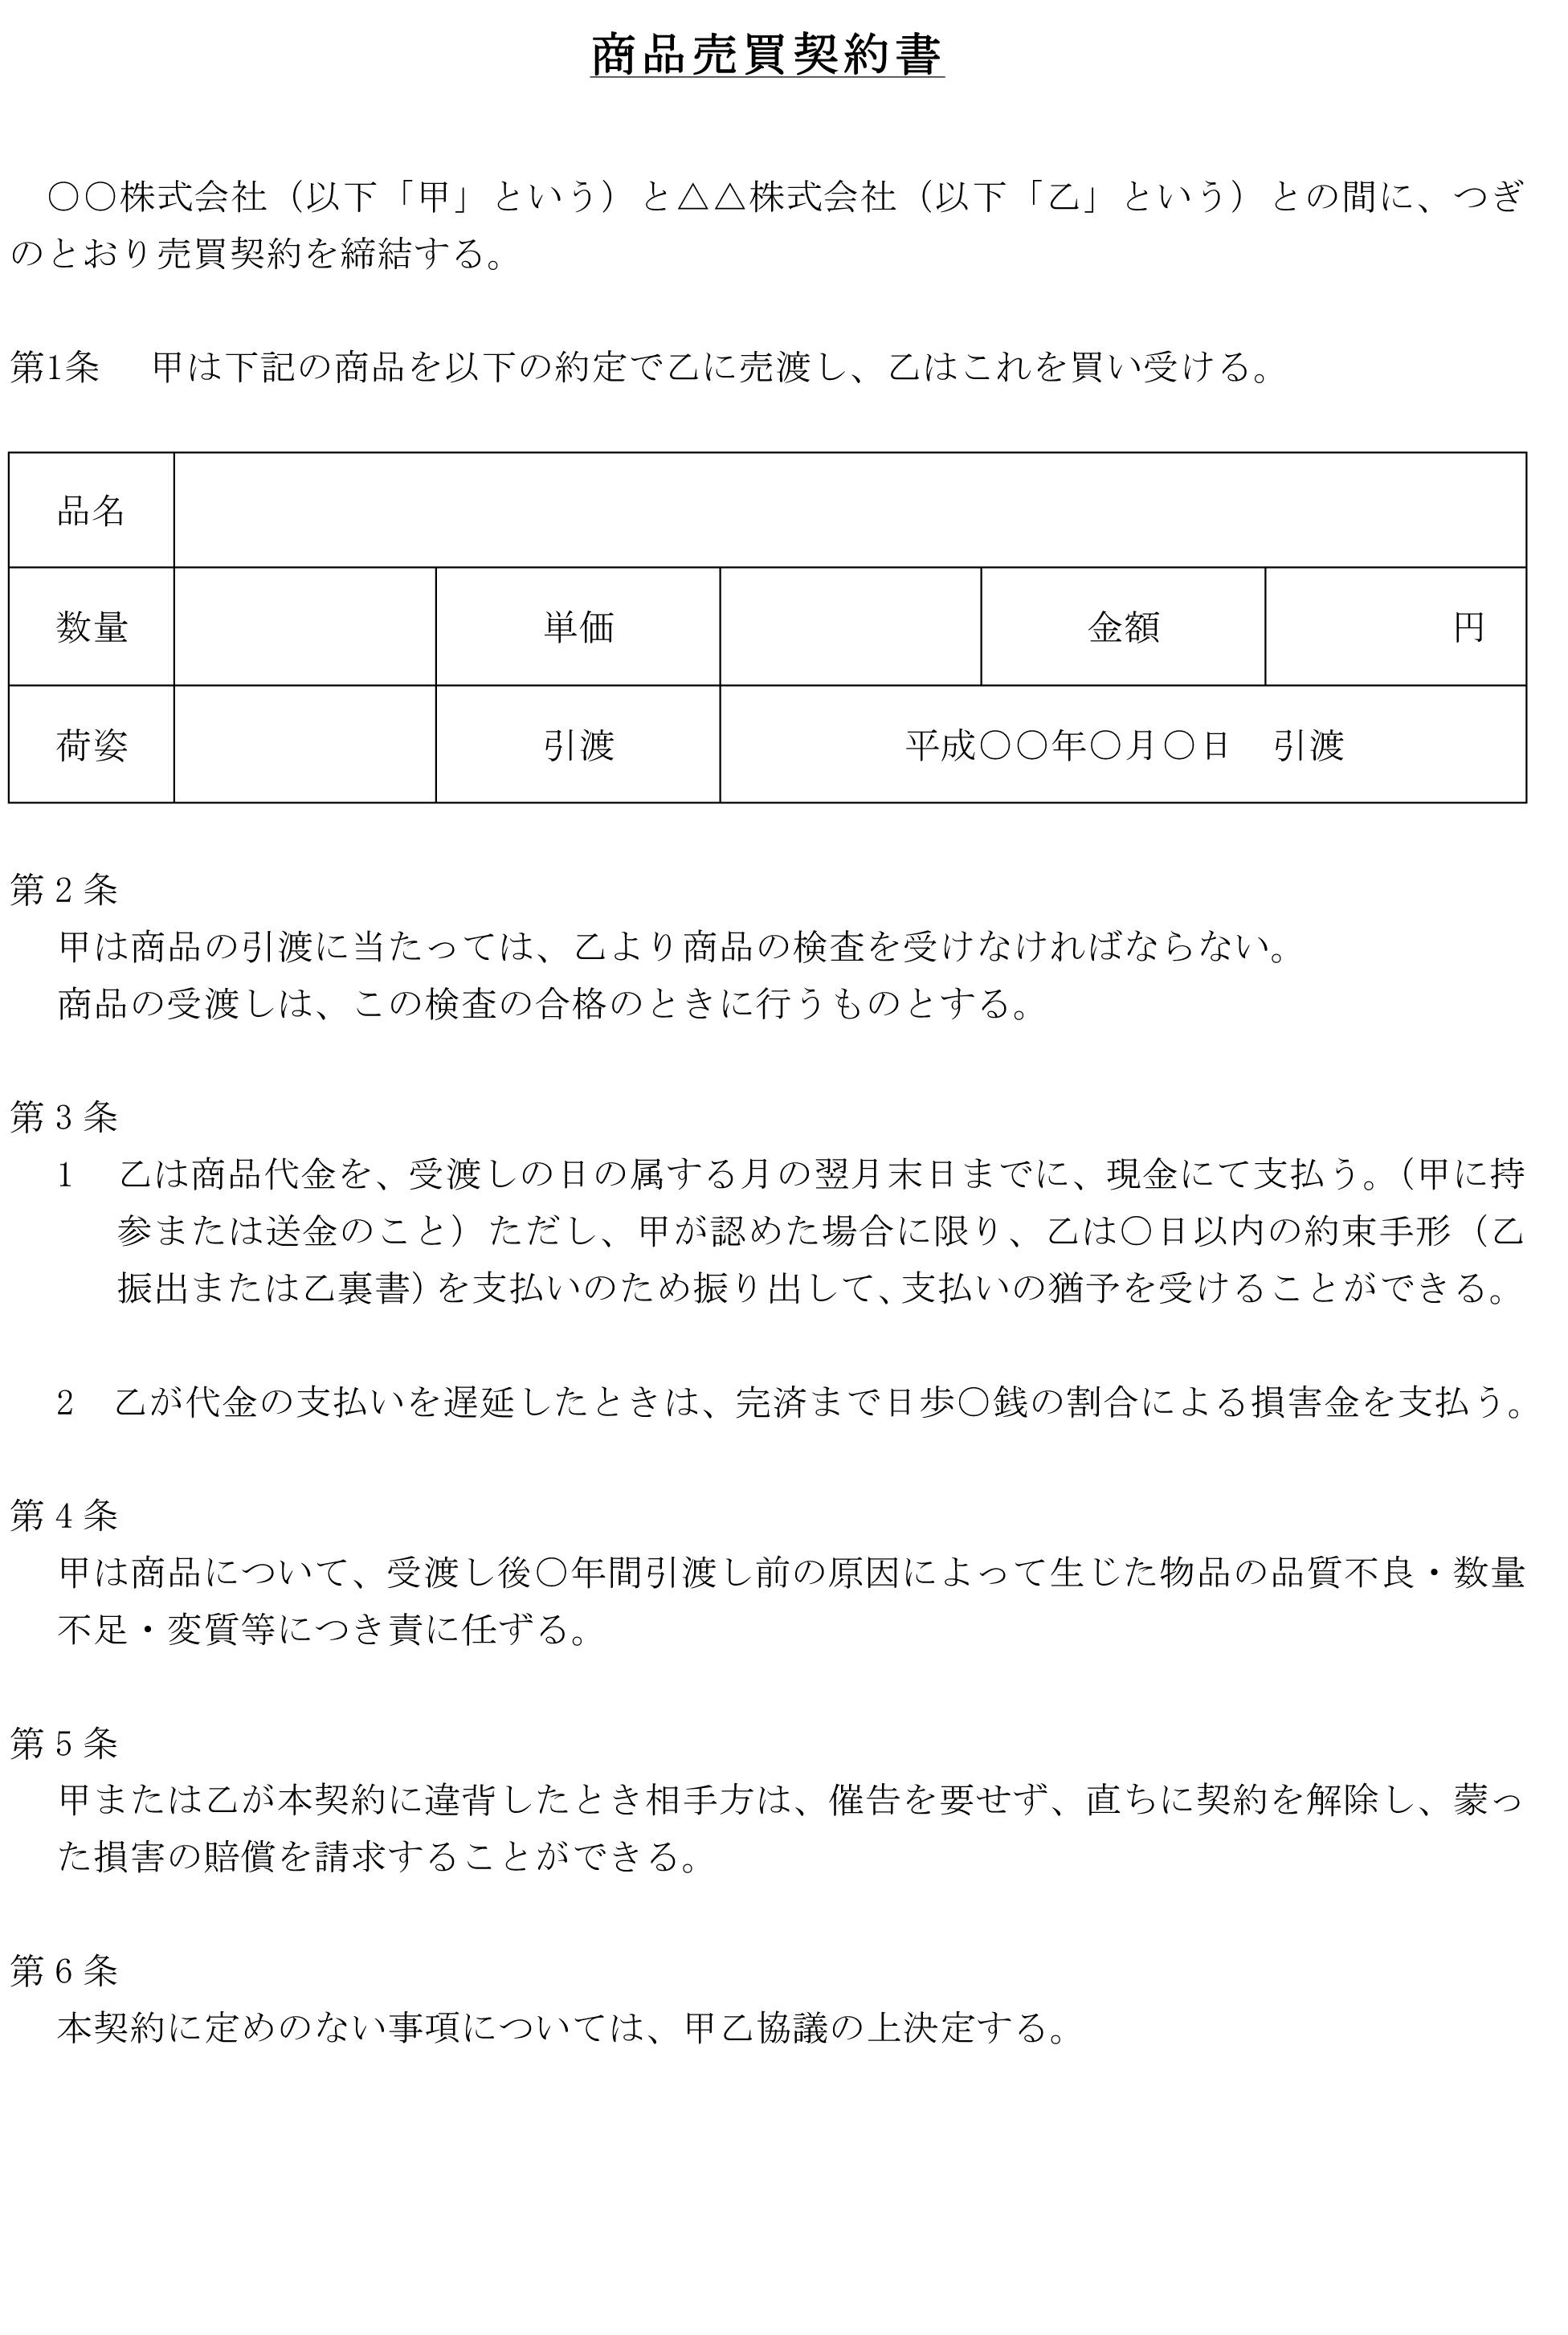 商品売買契約書01